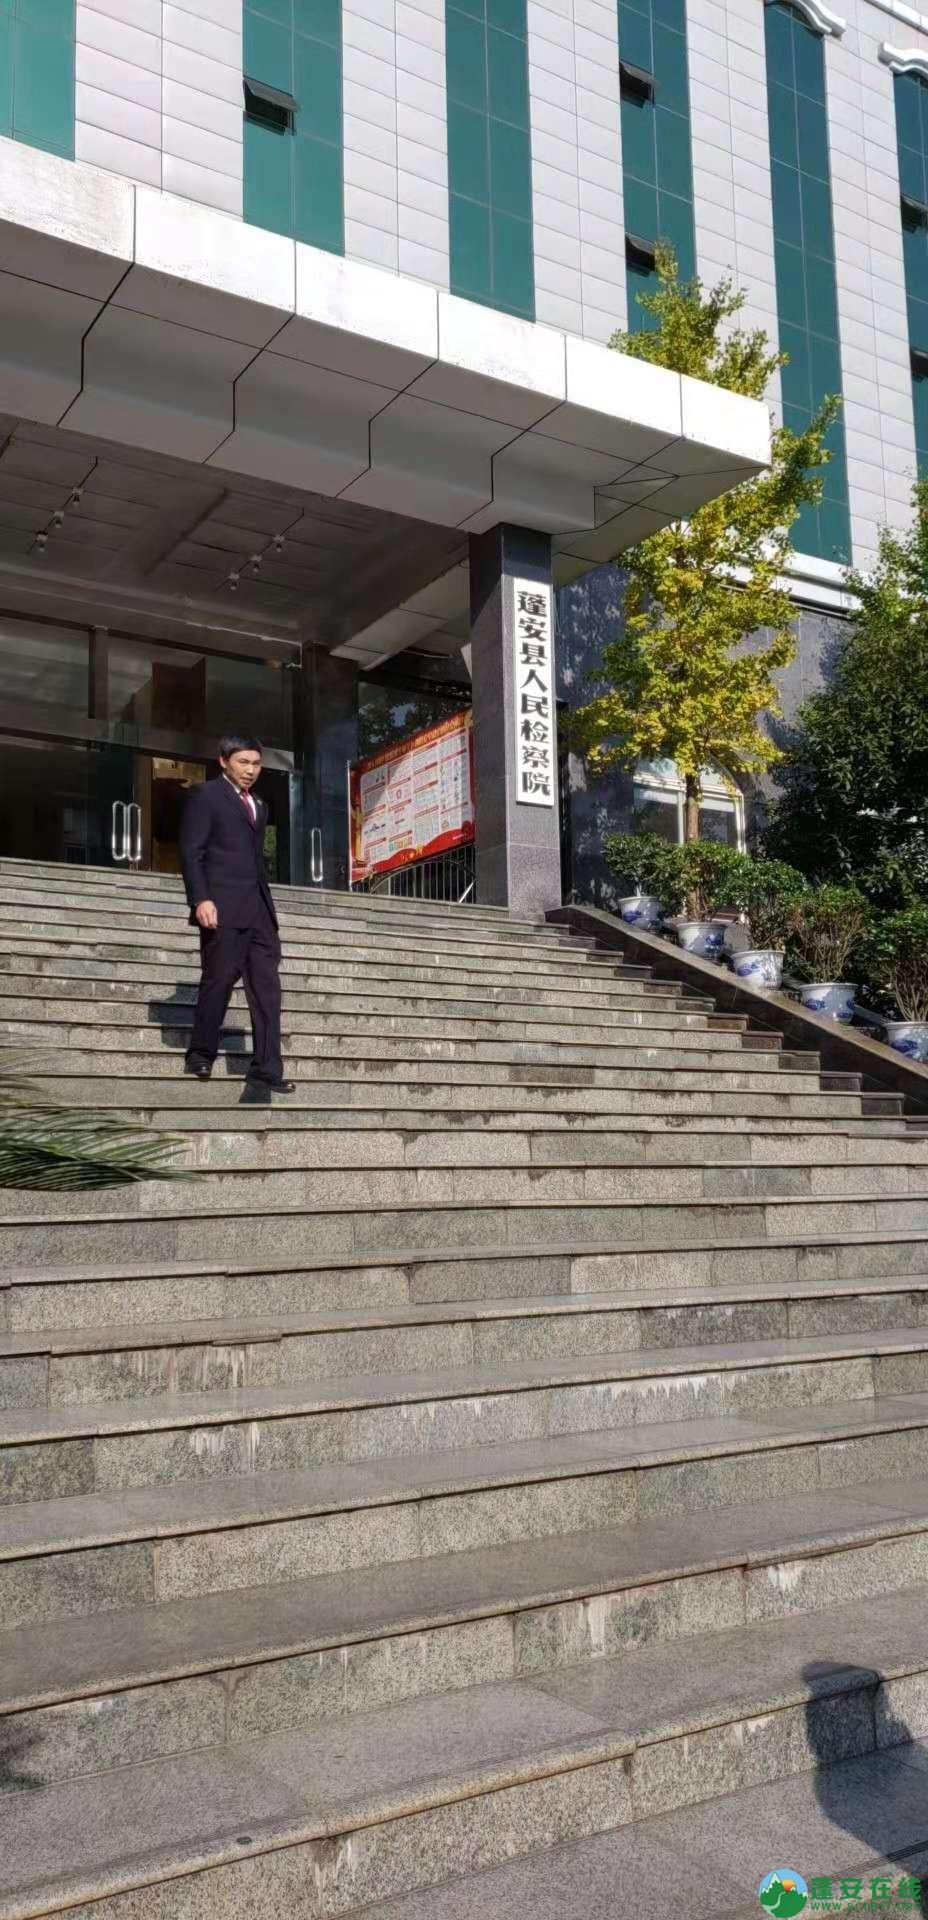 蓬安县人民检察院12309检察服务中心正式宣告挂牌成立 - 第12张  | 蓬安在线